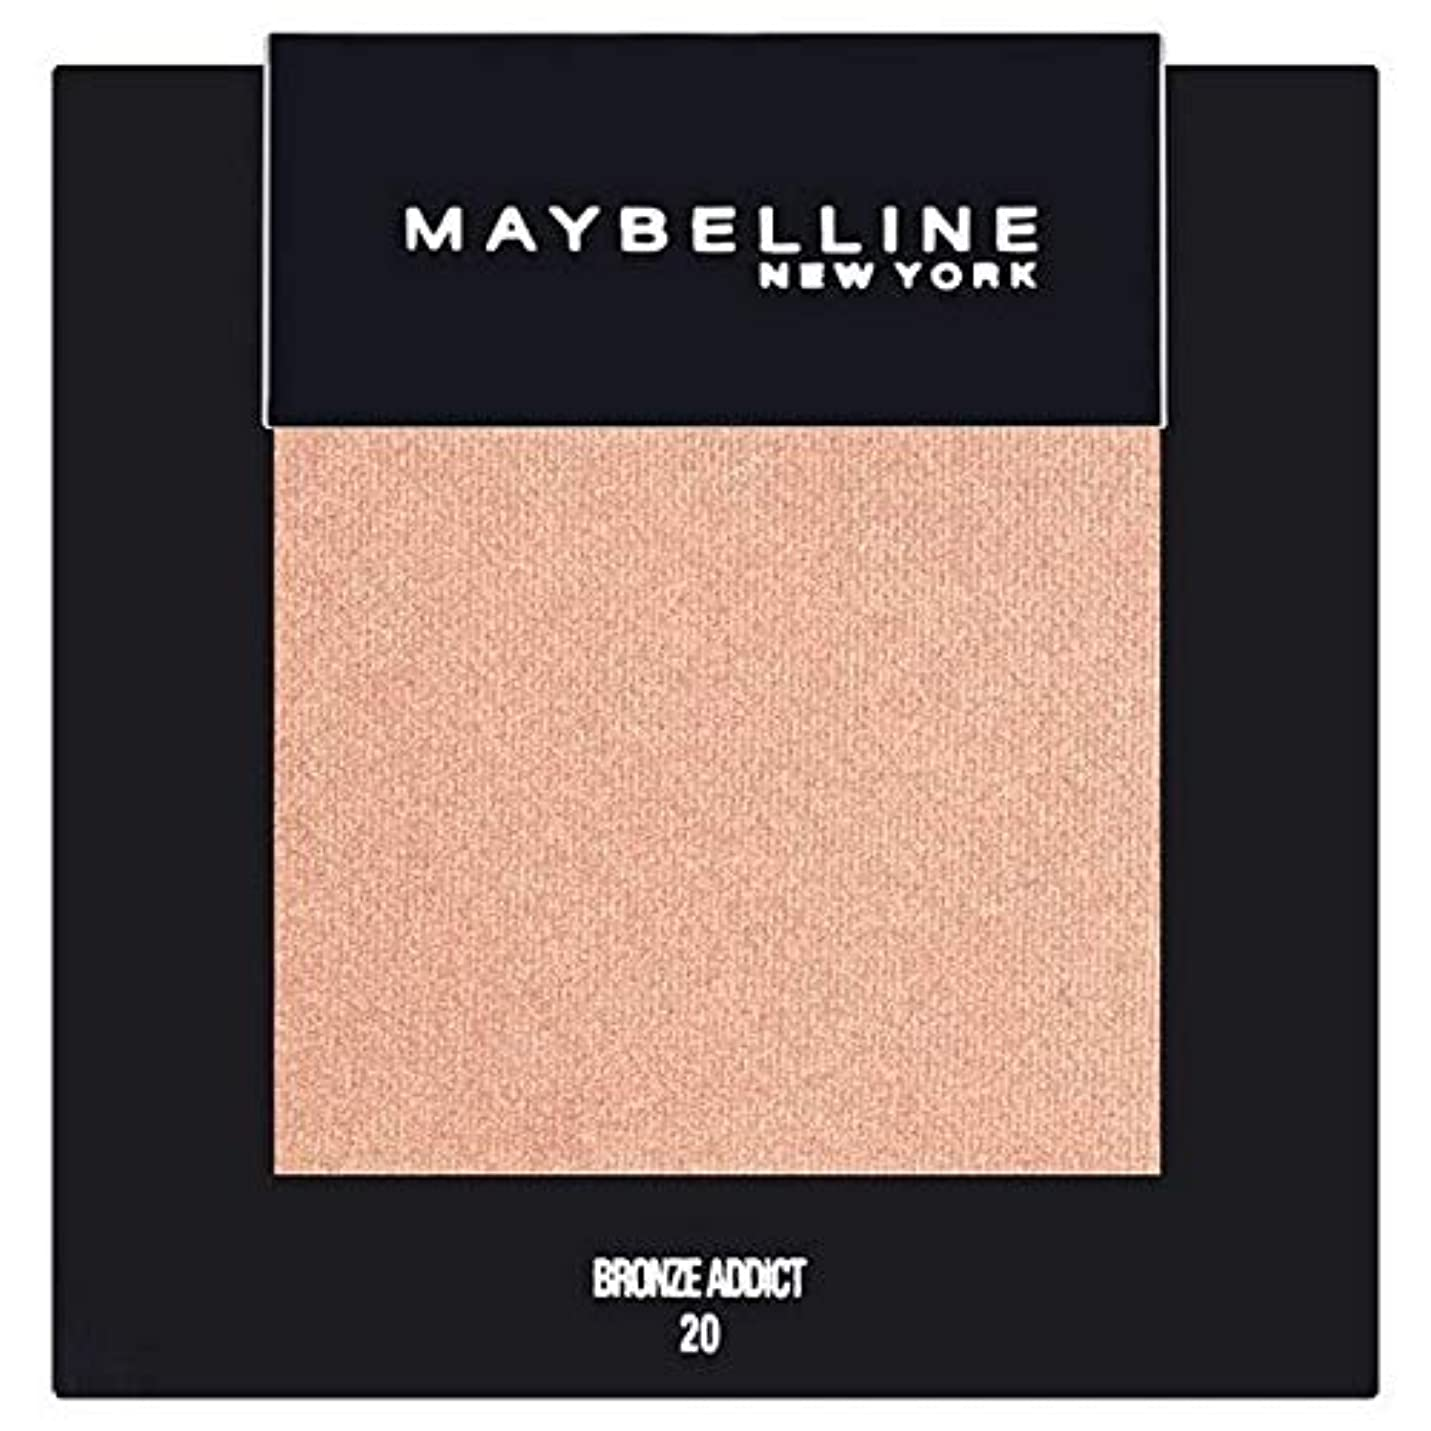 起こる起こりやすい記者[Maybelline ] メイベリンカラーショーシングルアイシャドウ20ブロンズ - Maybelline Color Show Single Eyeshadow 20 Bronze [並行輸入品]